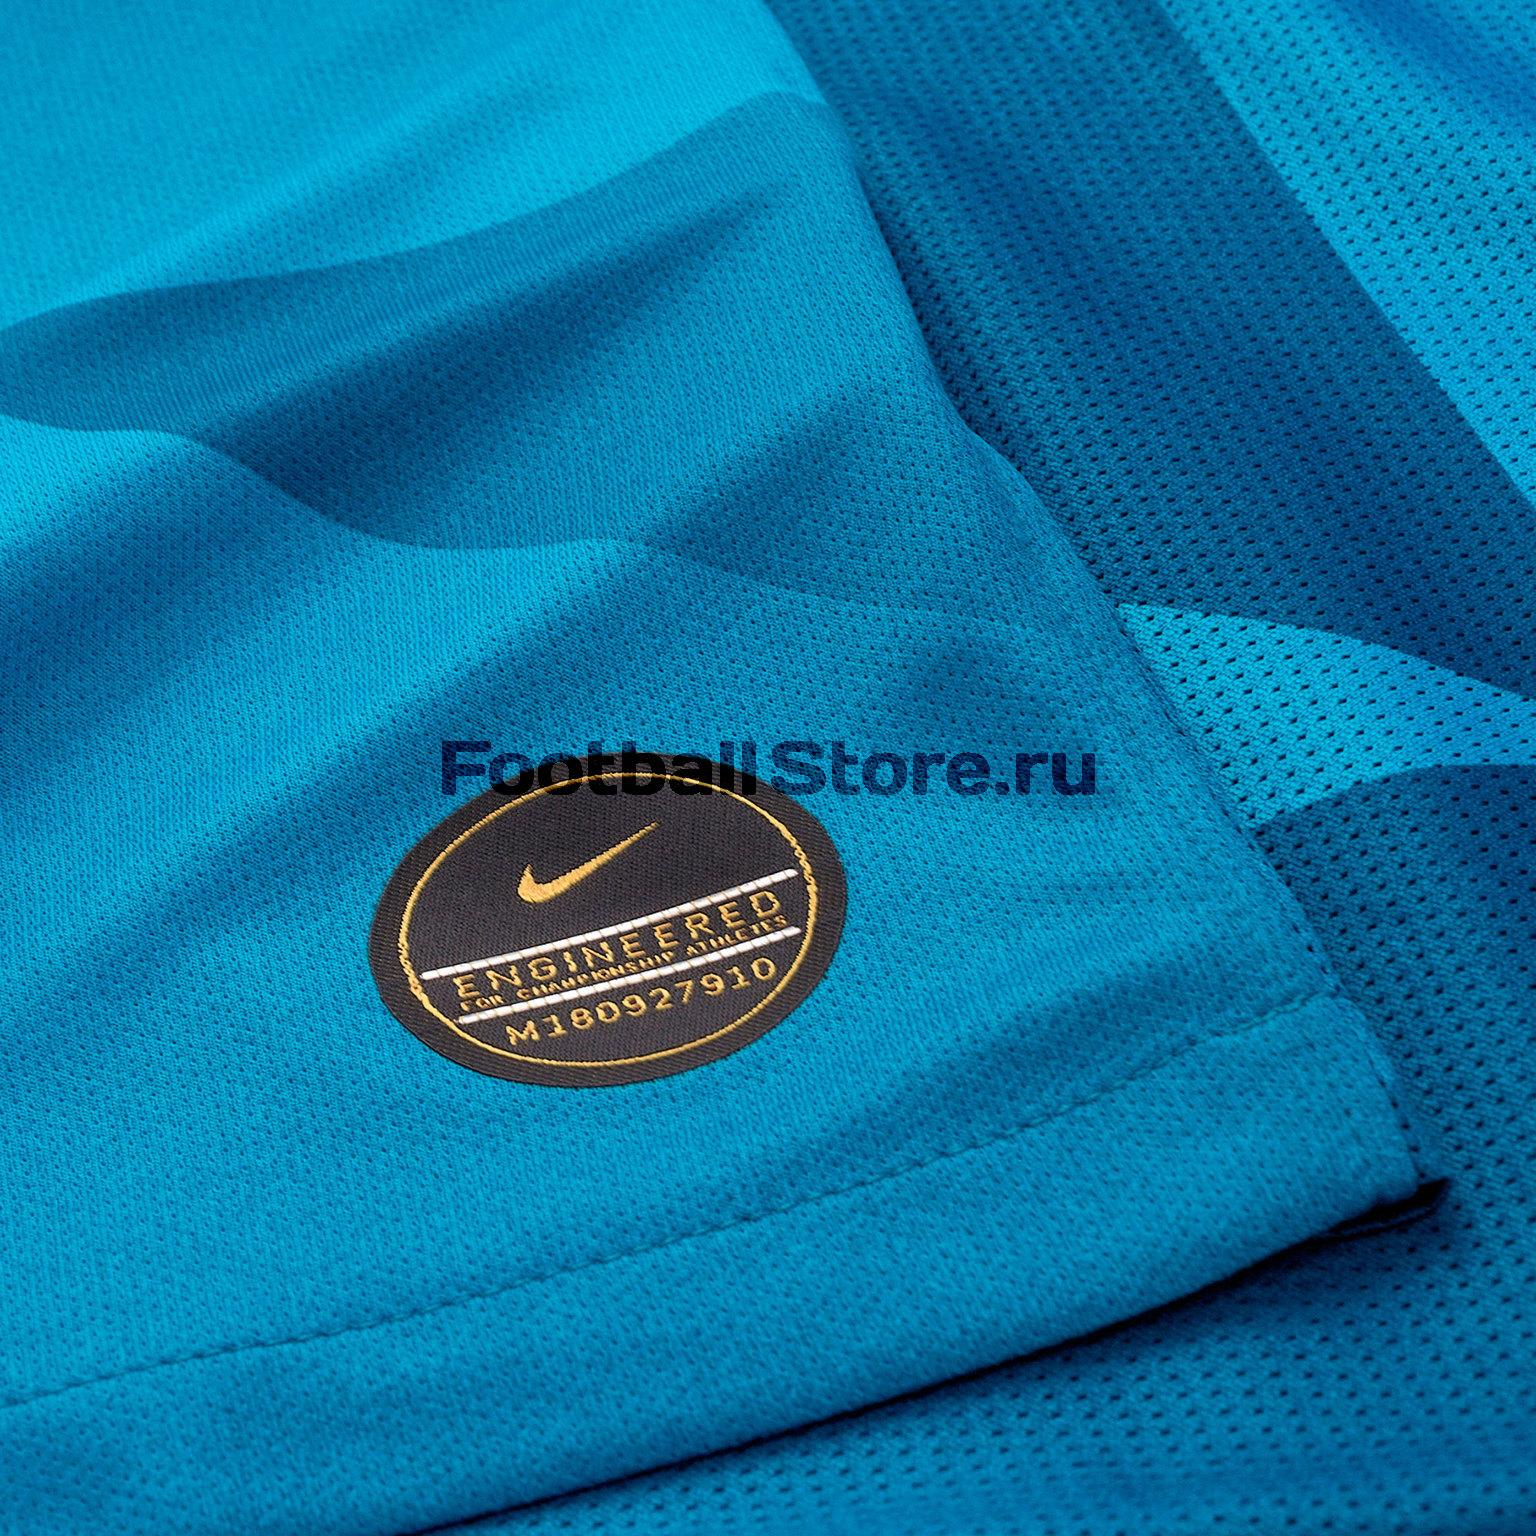 b19680da5bb73 Оригинальная домашняя футболка Nike ФК